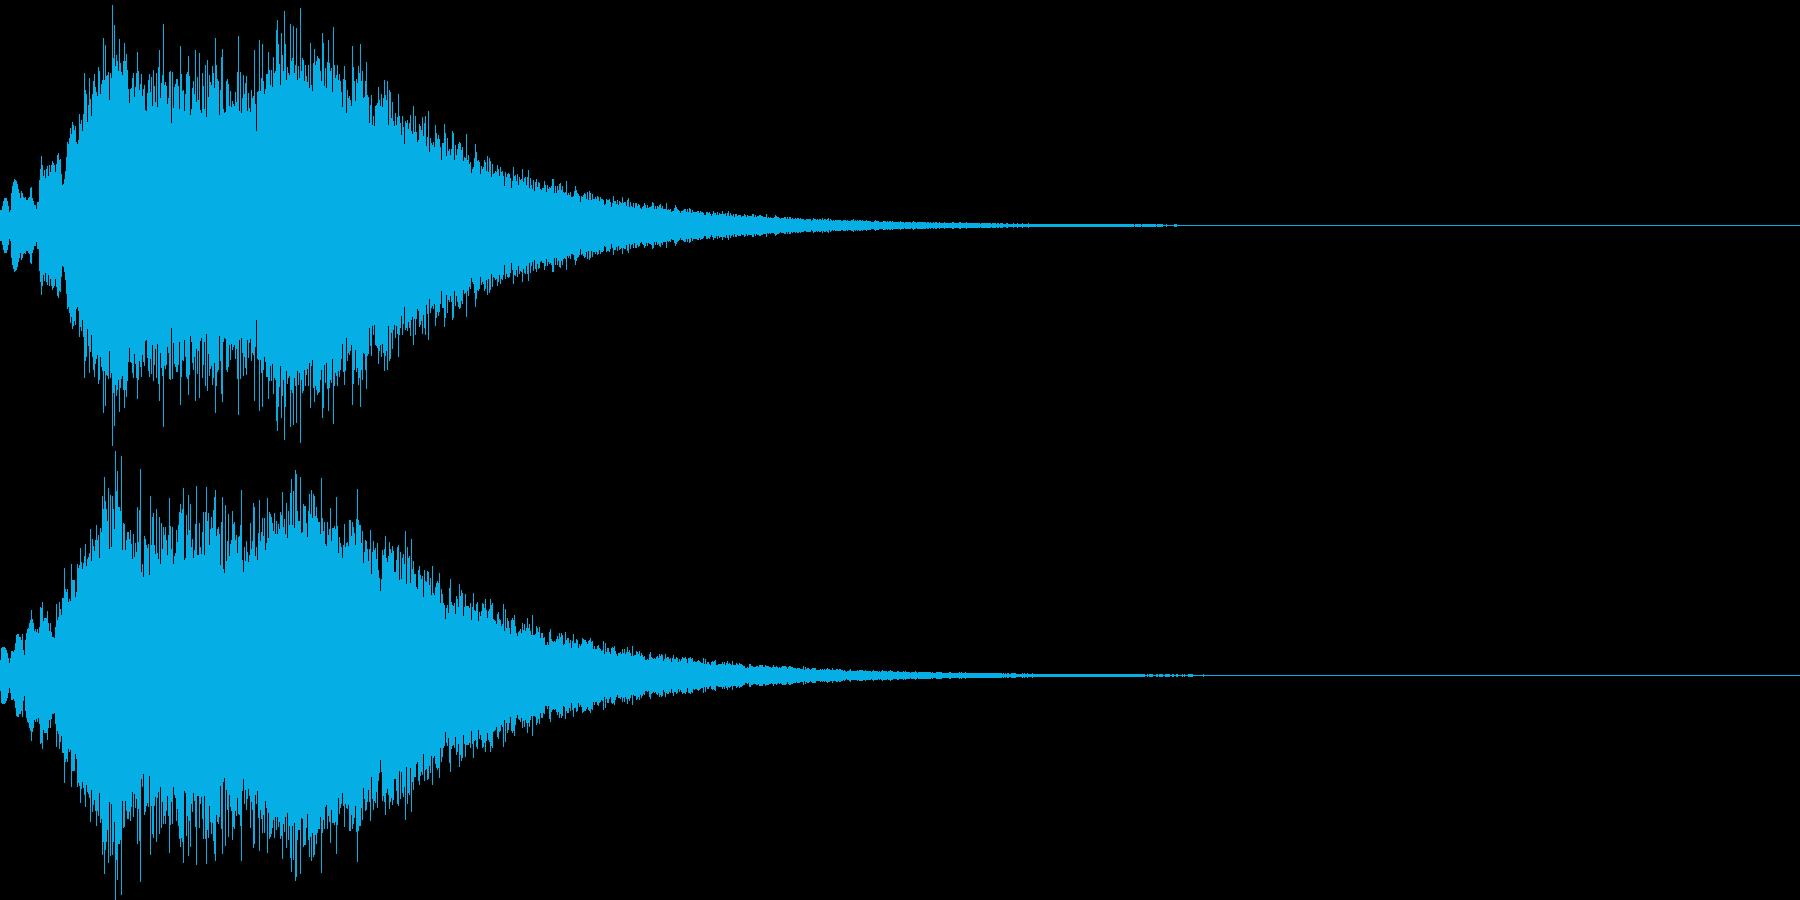 キラキラ シャララーン アイキャッチ09の再生済みの波形